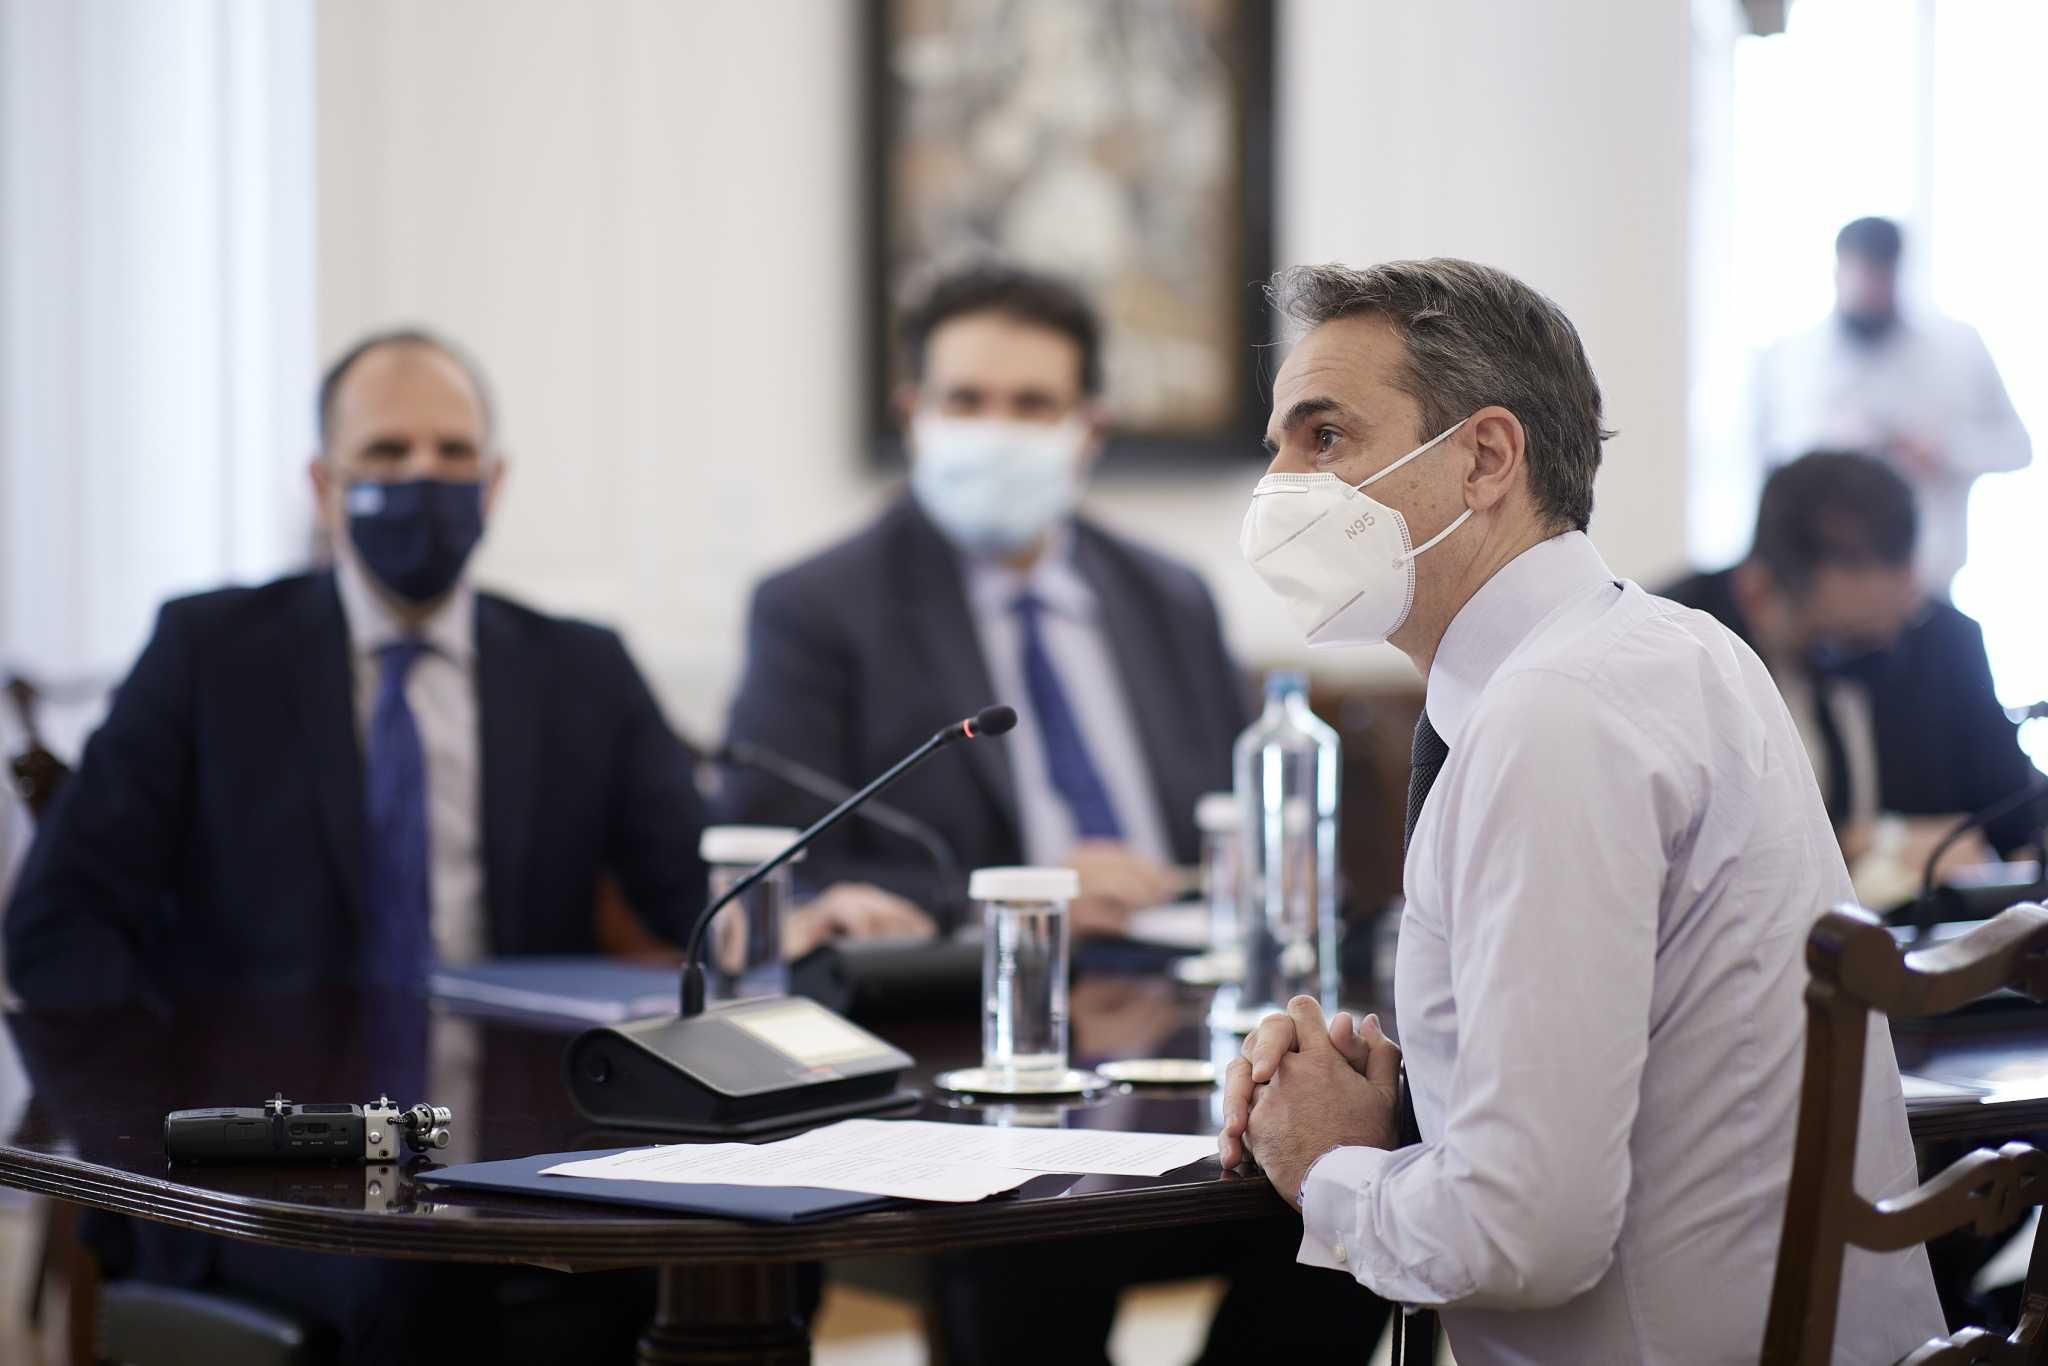 Μεσσηνία: Θρίλερ με νεκρό δικηγόρο στην Τροιζηνία – Φόβοι για δολοφονία στο σπίτι που έμενε